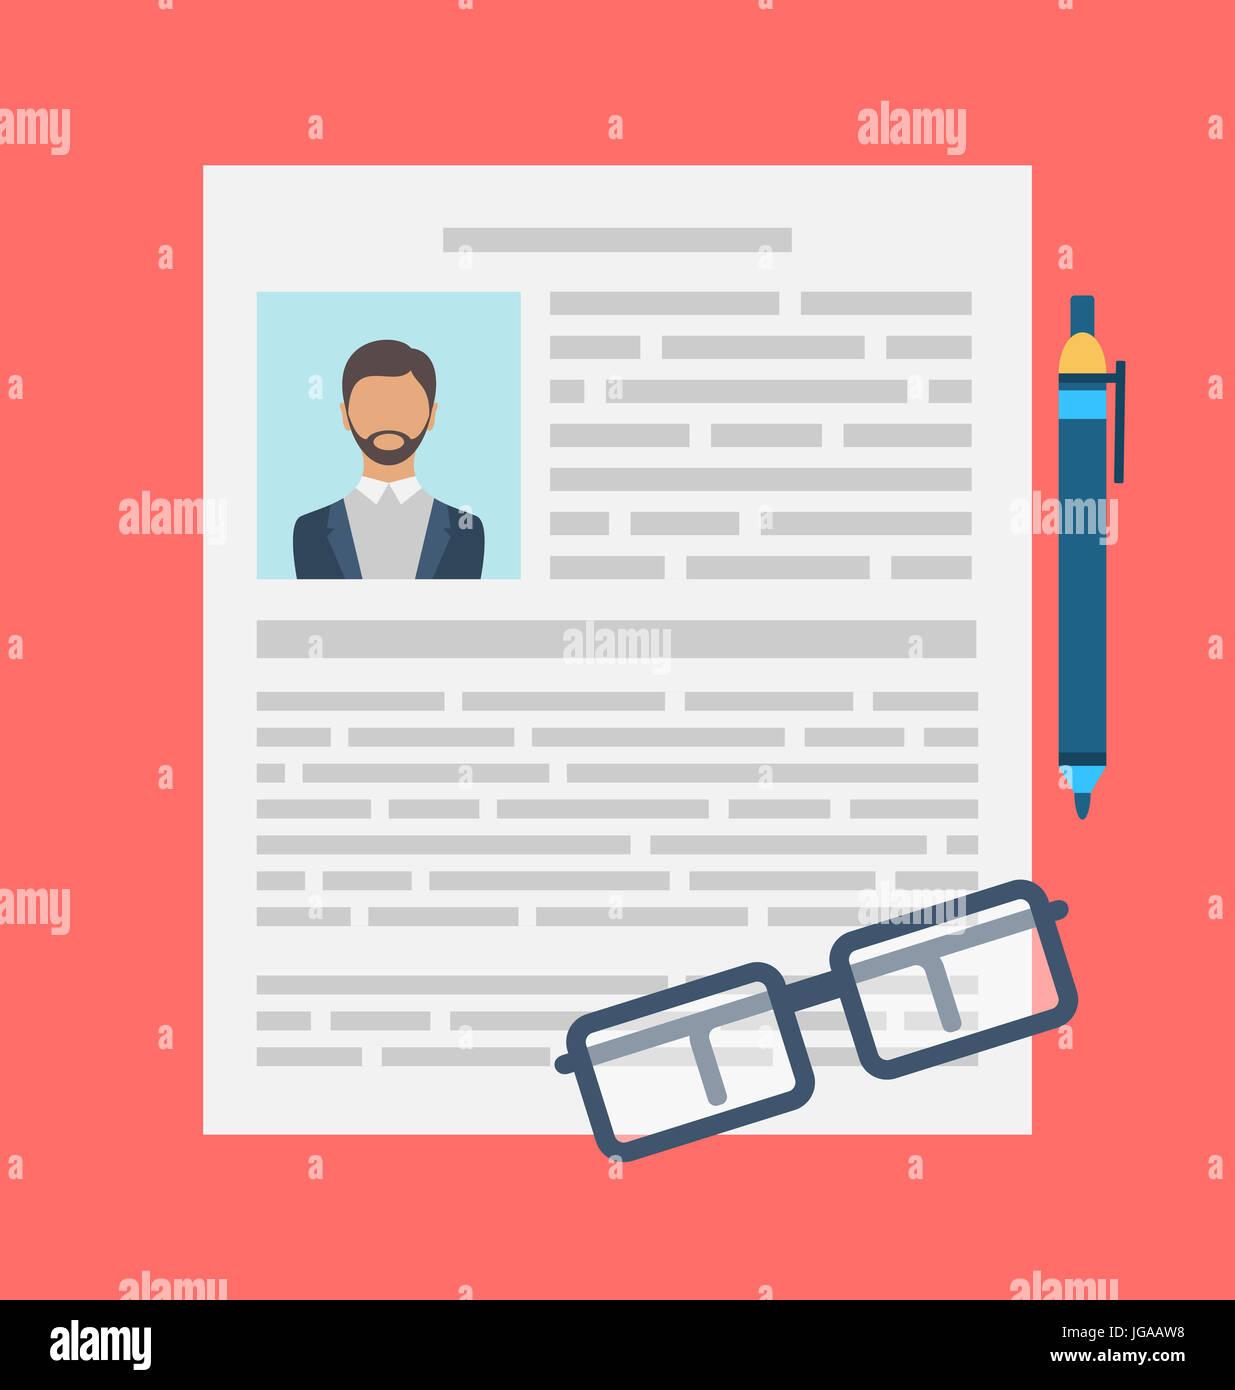 Cv Icon Imágenes De Stock & Cv Icon Fotos De Stock - Página 6 - Alamy